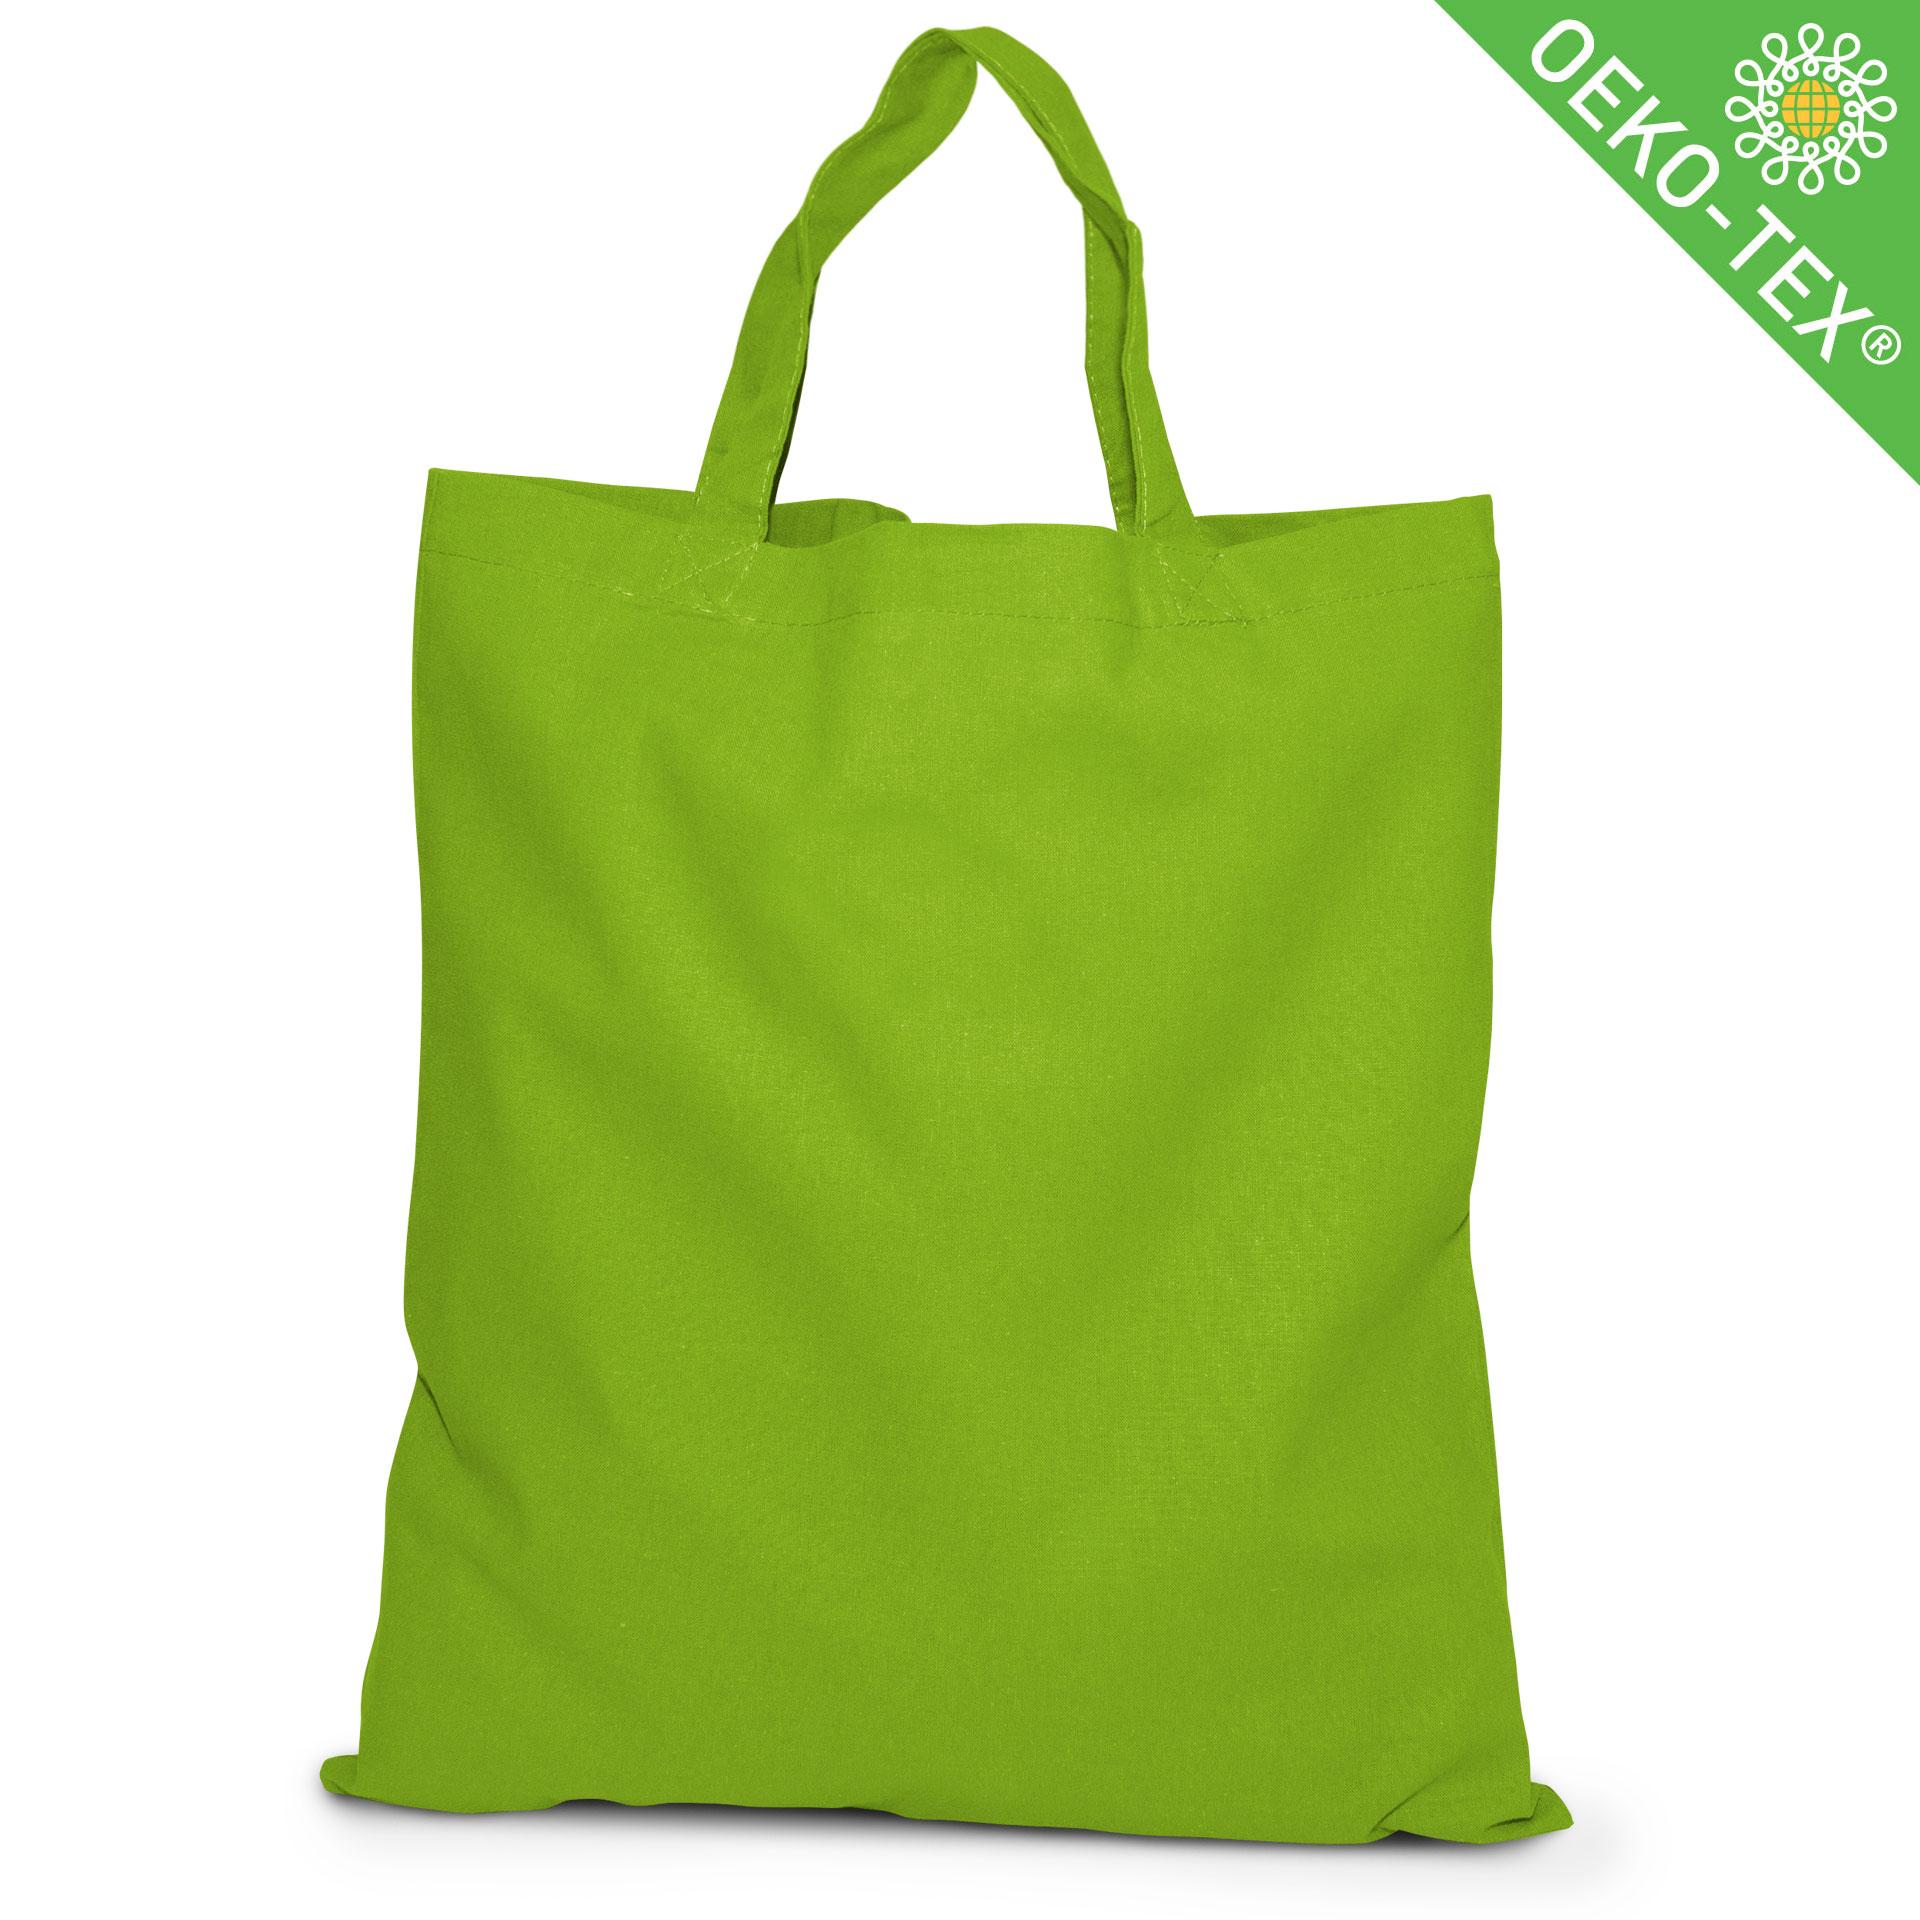 20 Kapstadt Baumwolltasche mit kurzen Henkeln, Farbe: hellgrün